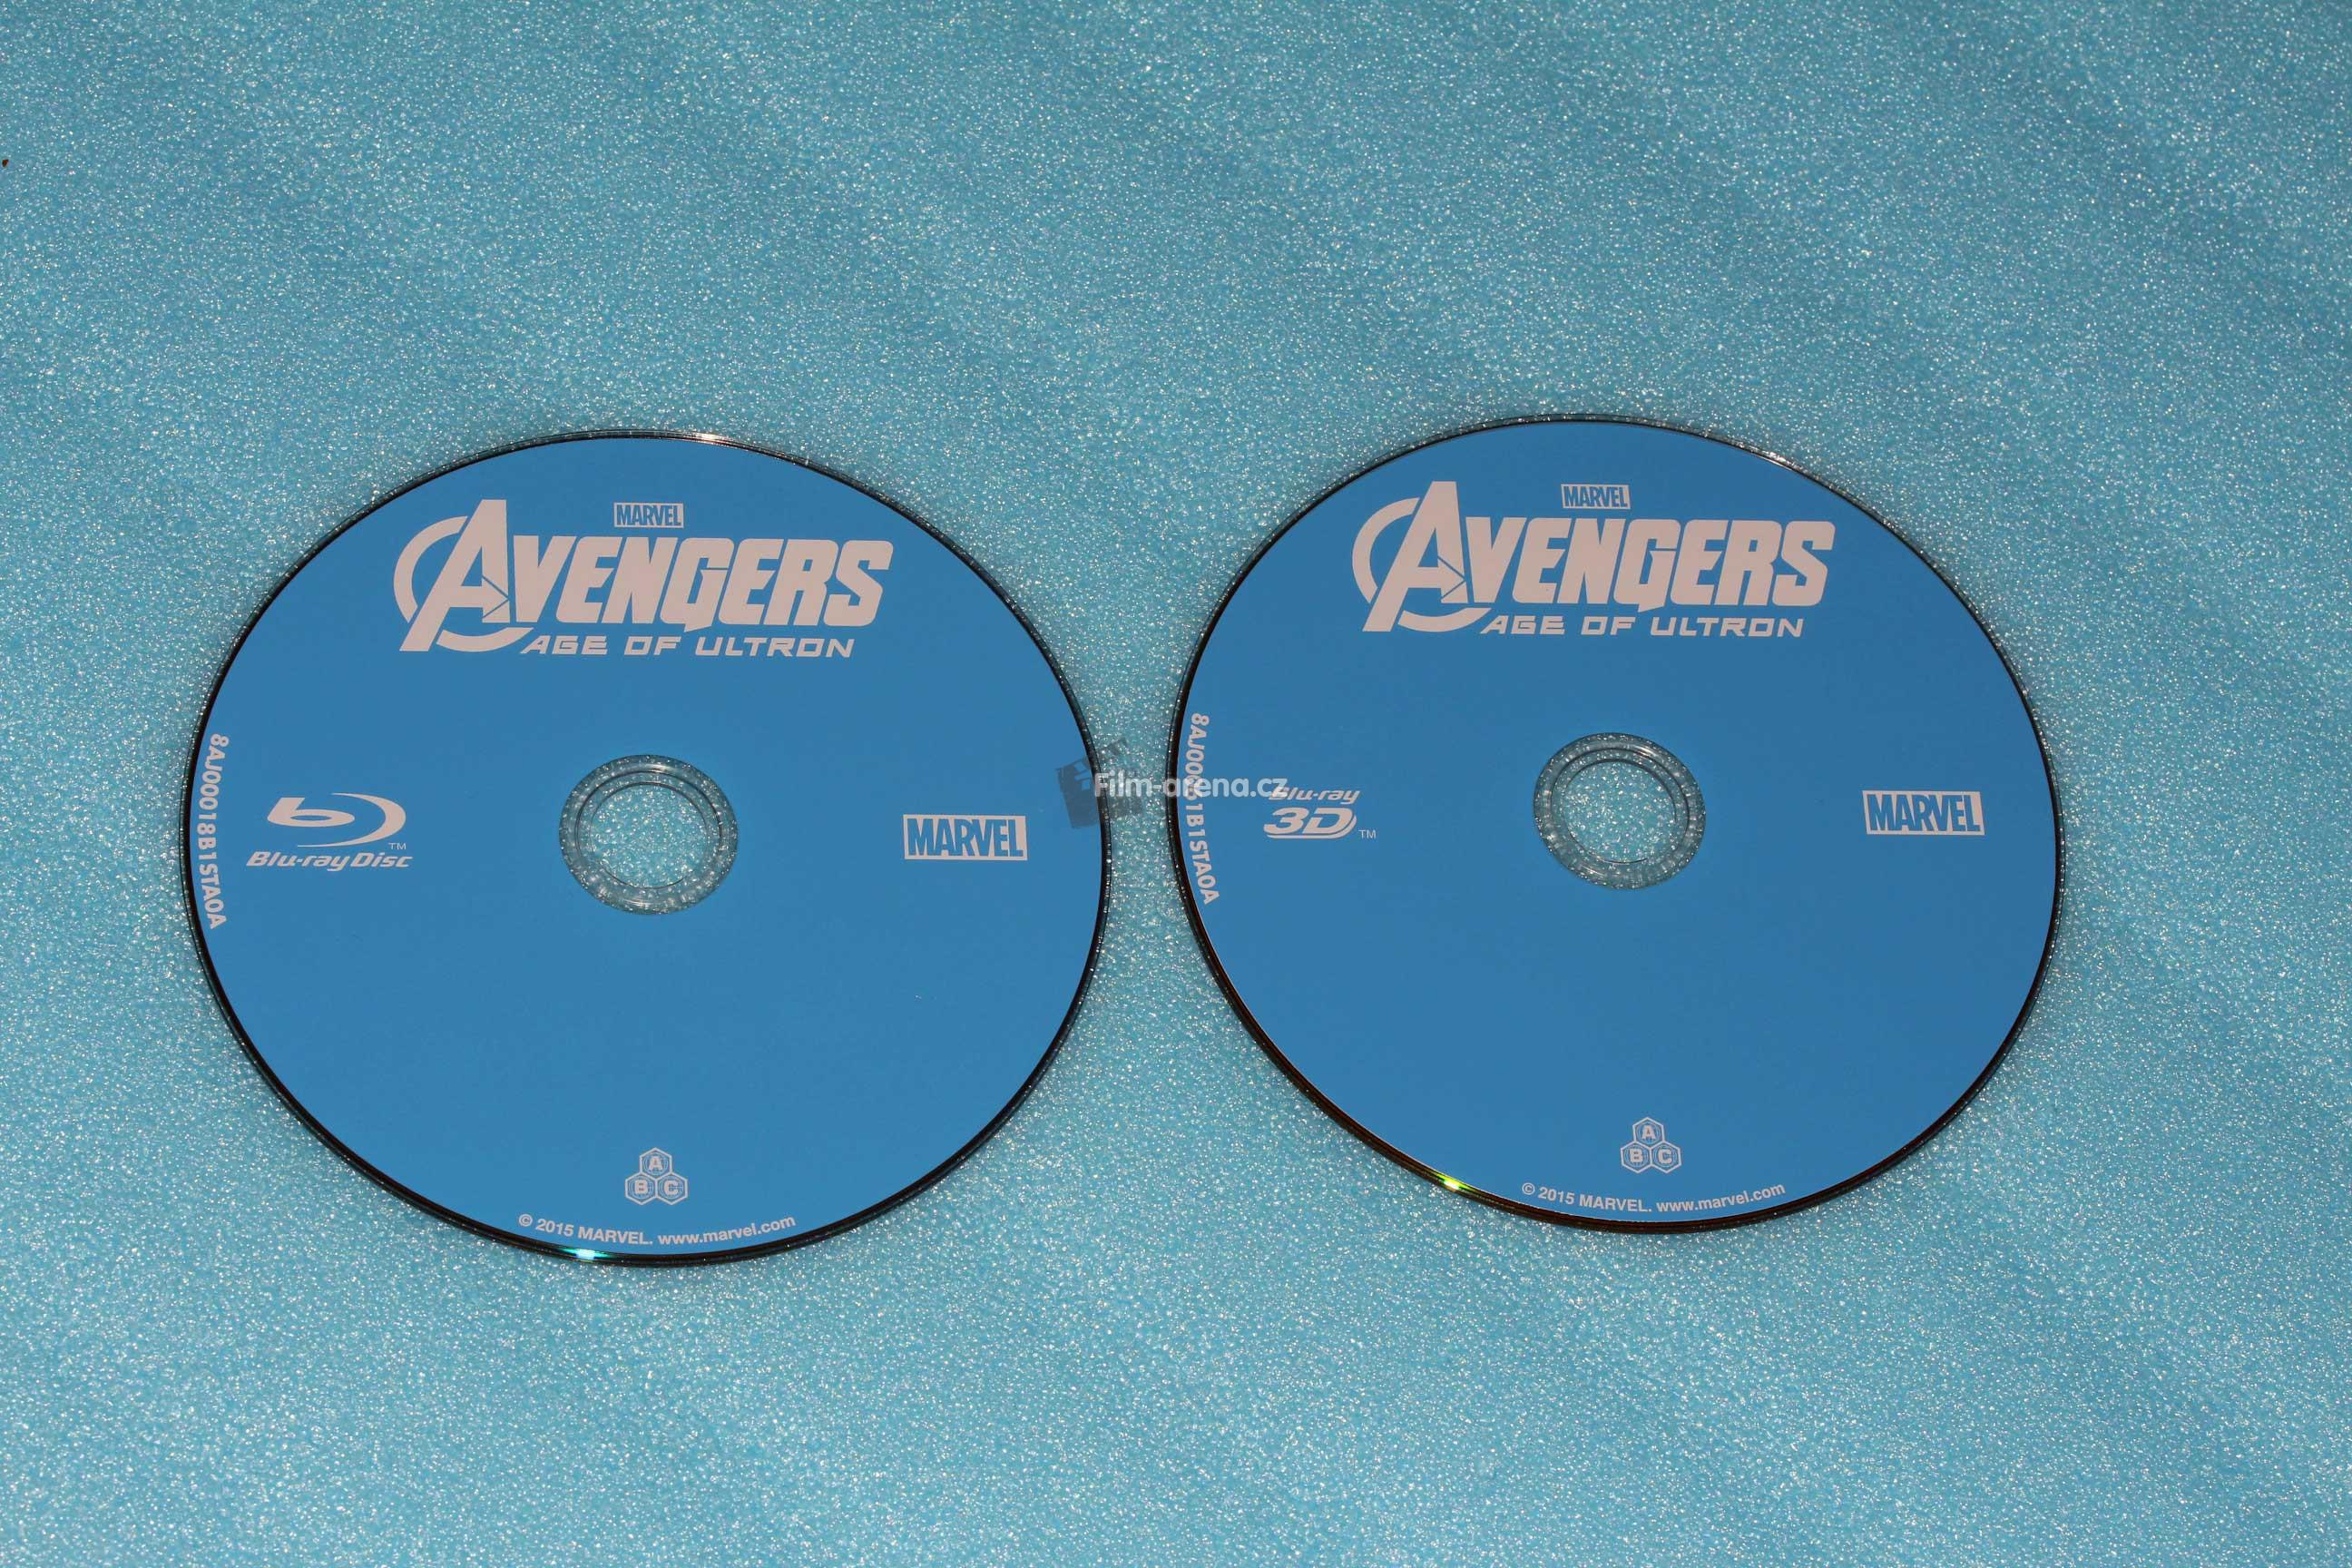 http://www.filmarena.cz/upload/images/nazivo/Avengers_2/avengers_06.jpg